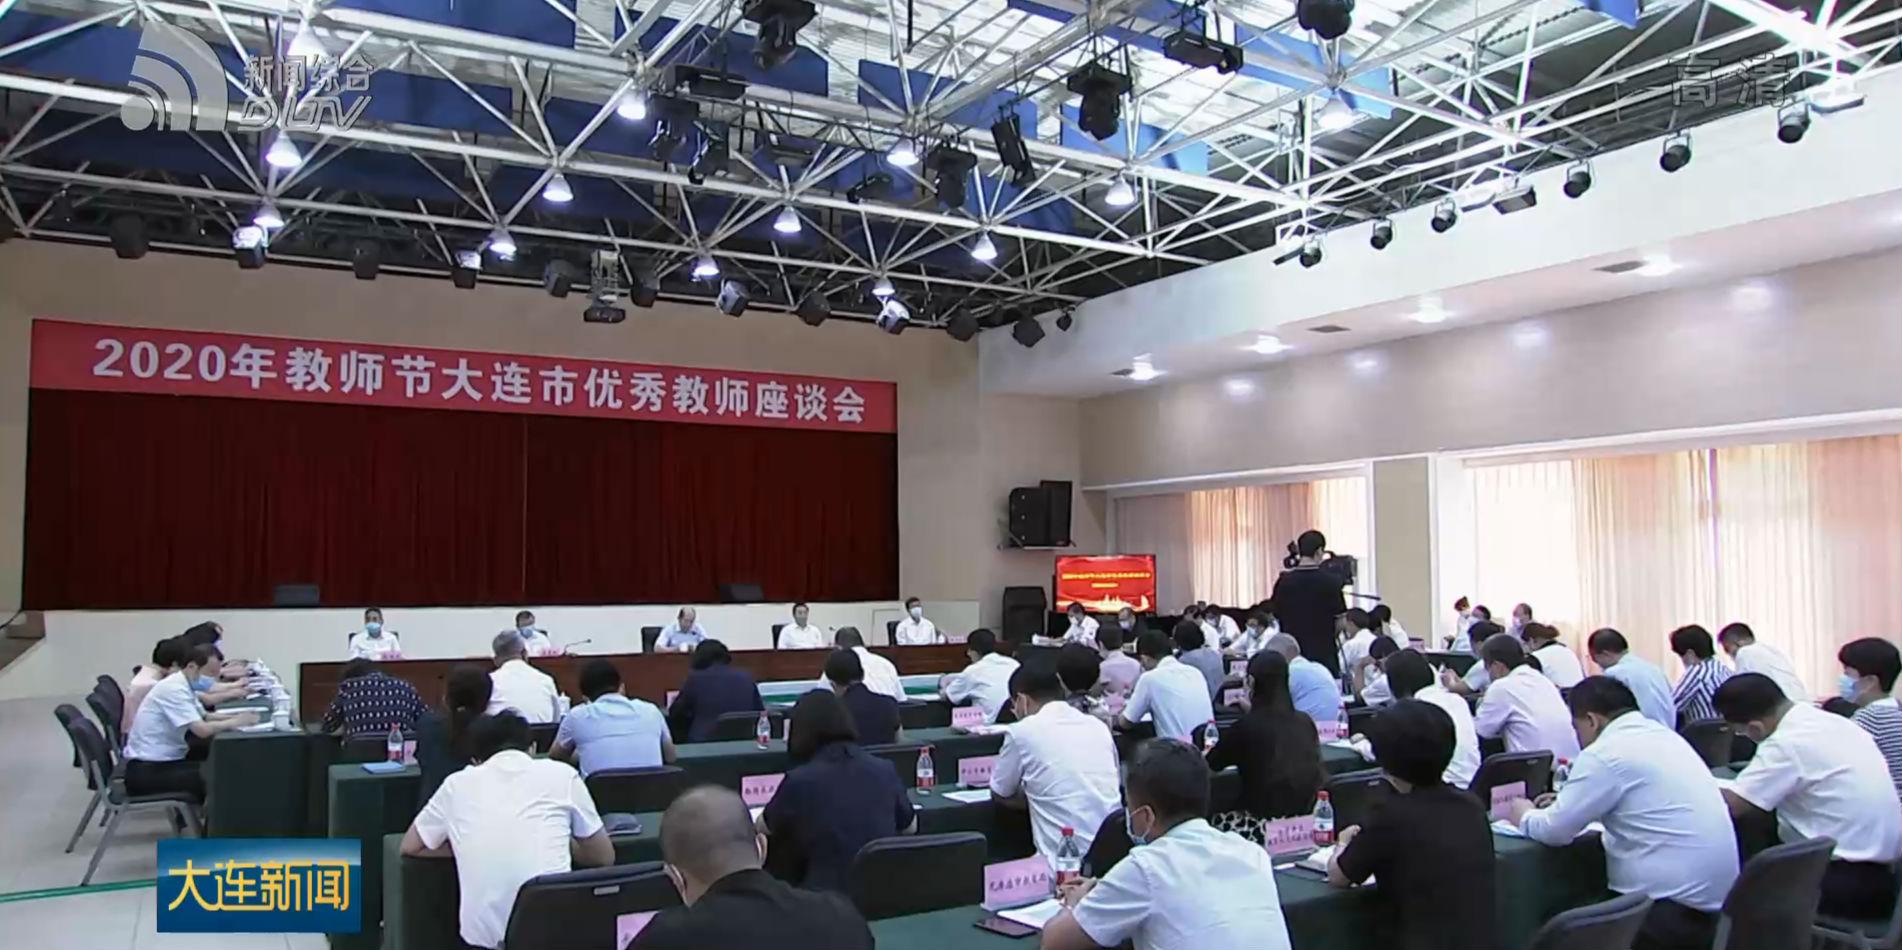 譚作鈞陳紹旺出席全市優秀教師座談會